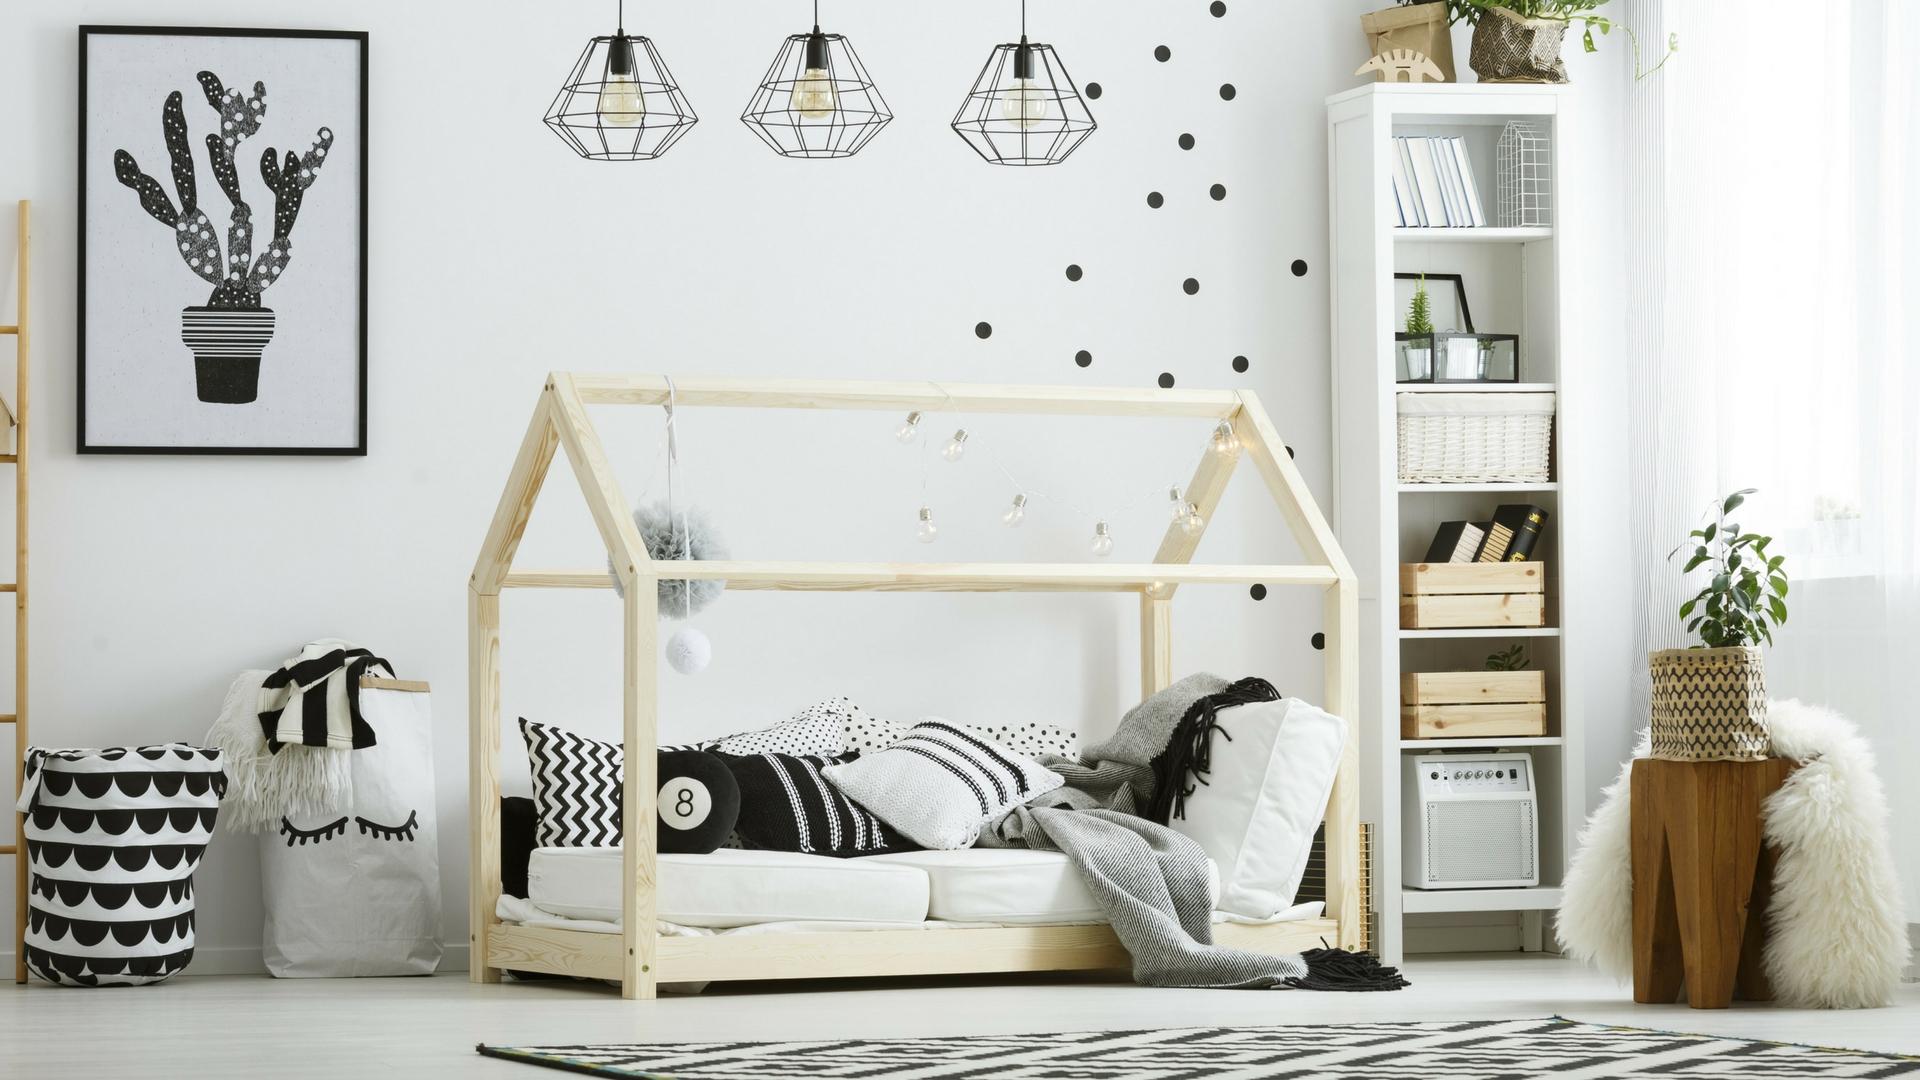 design allure interior design home staging residential commercial. Black Bedroom Furniture Sets. Home Design Ideas